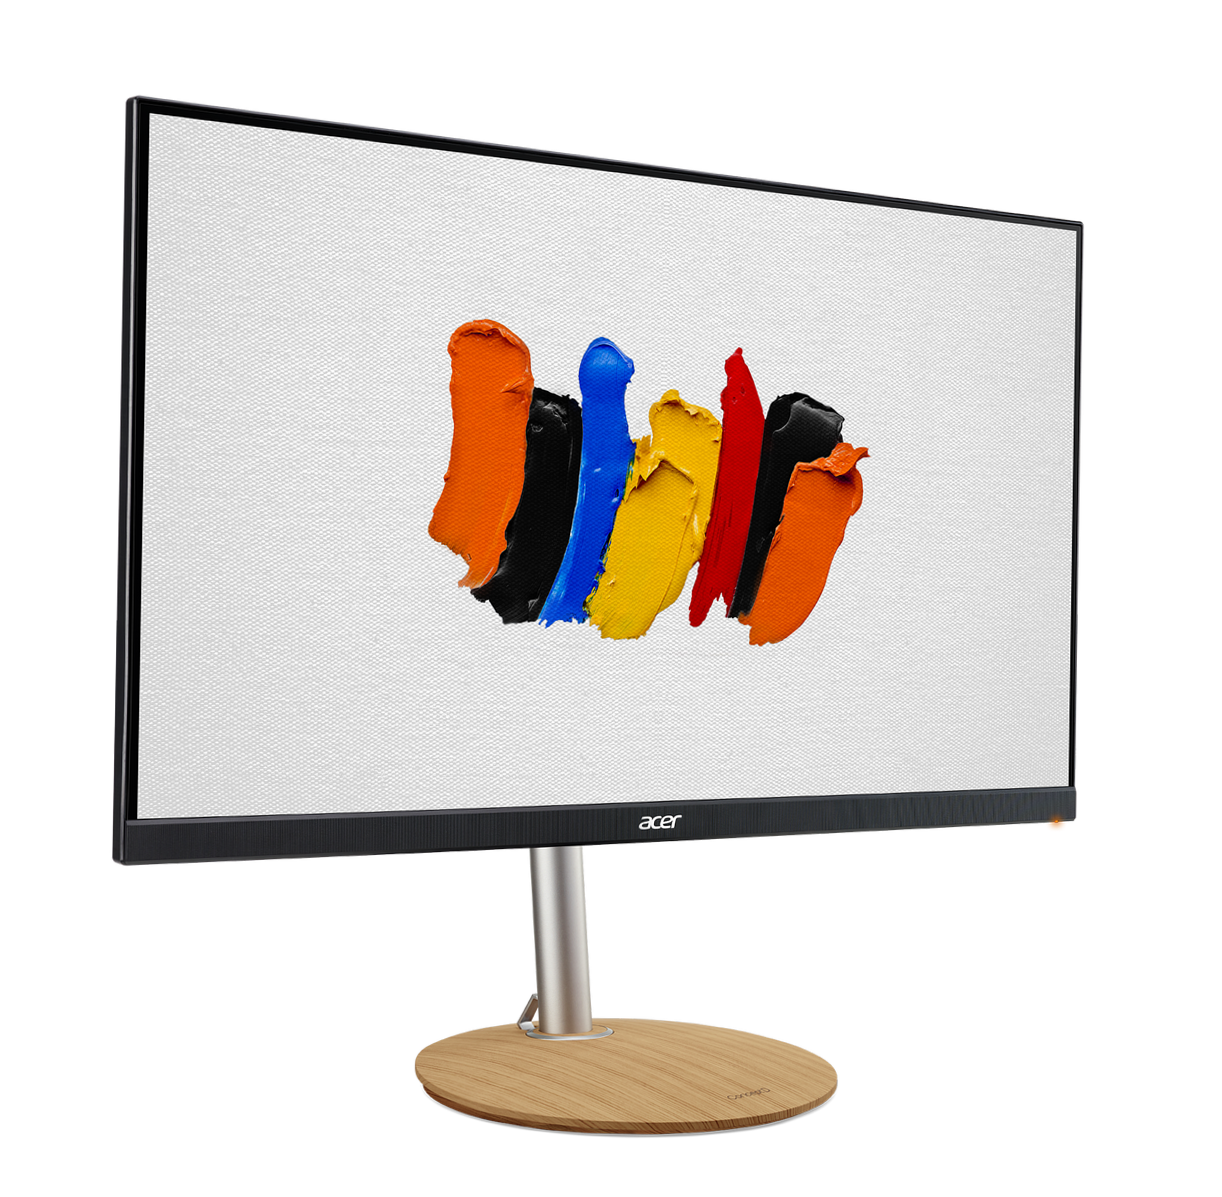 Купить Монитор Acer ConceptD CP1241YV Цены в Беларуси